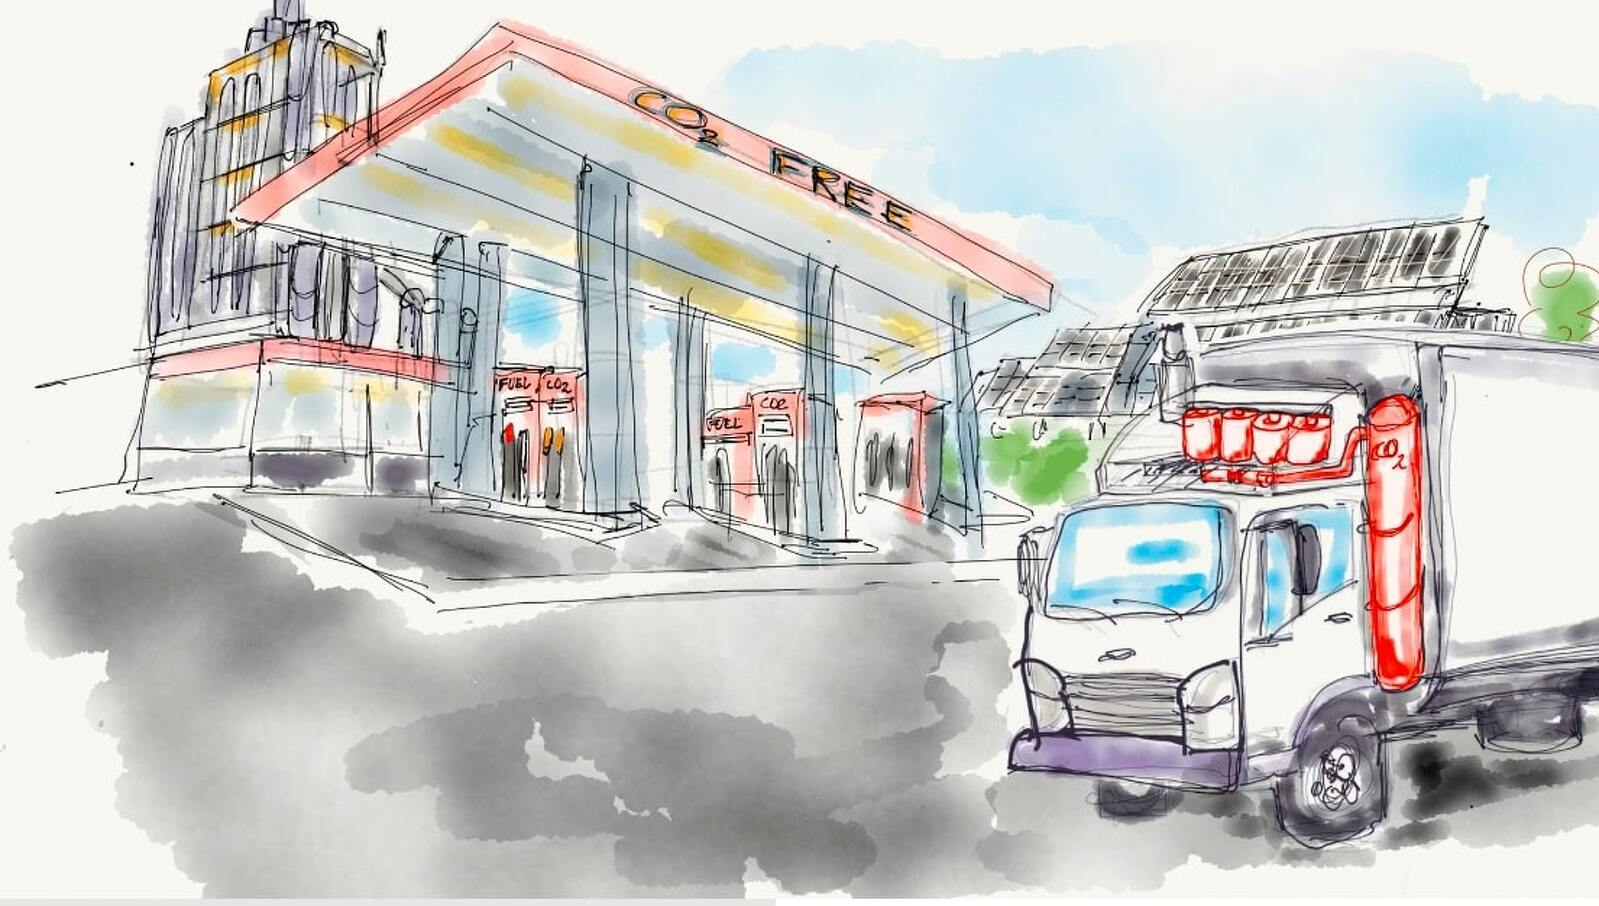 Dibuix d'un camió, equipat amb el nou sistema, arribant a una gasolinera on podria descarregar el CO2 líquid